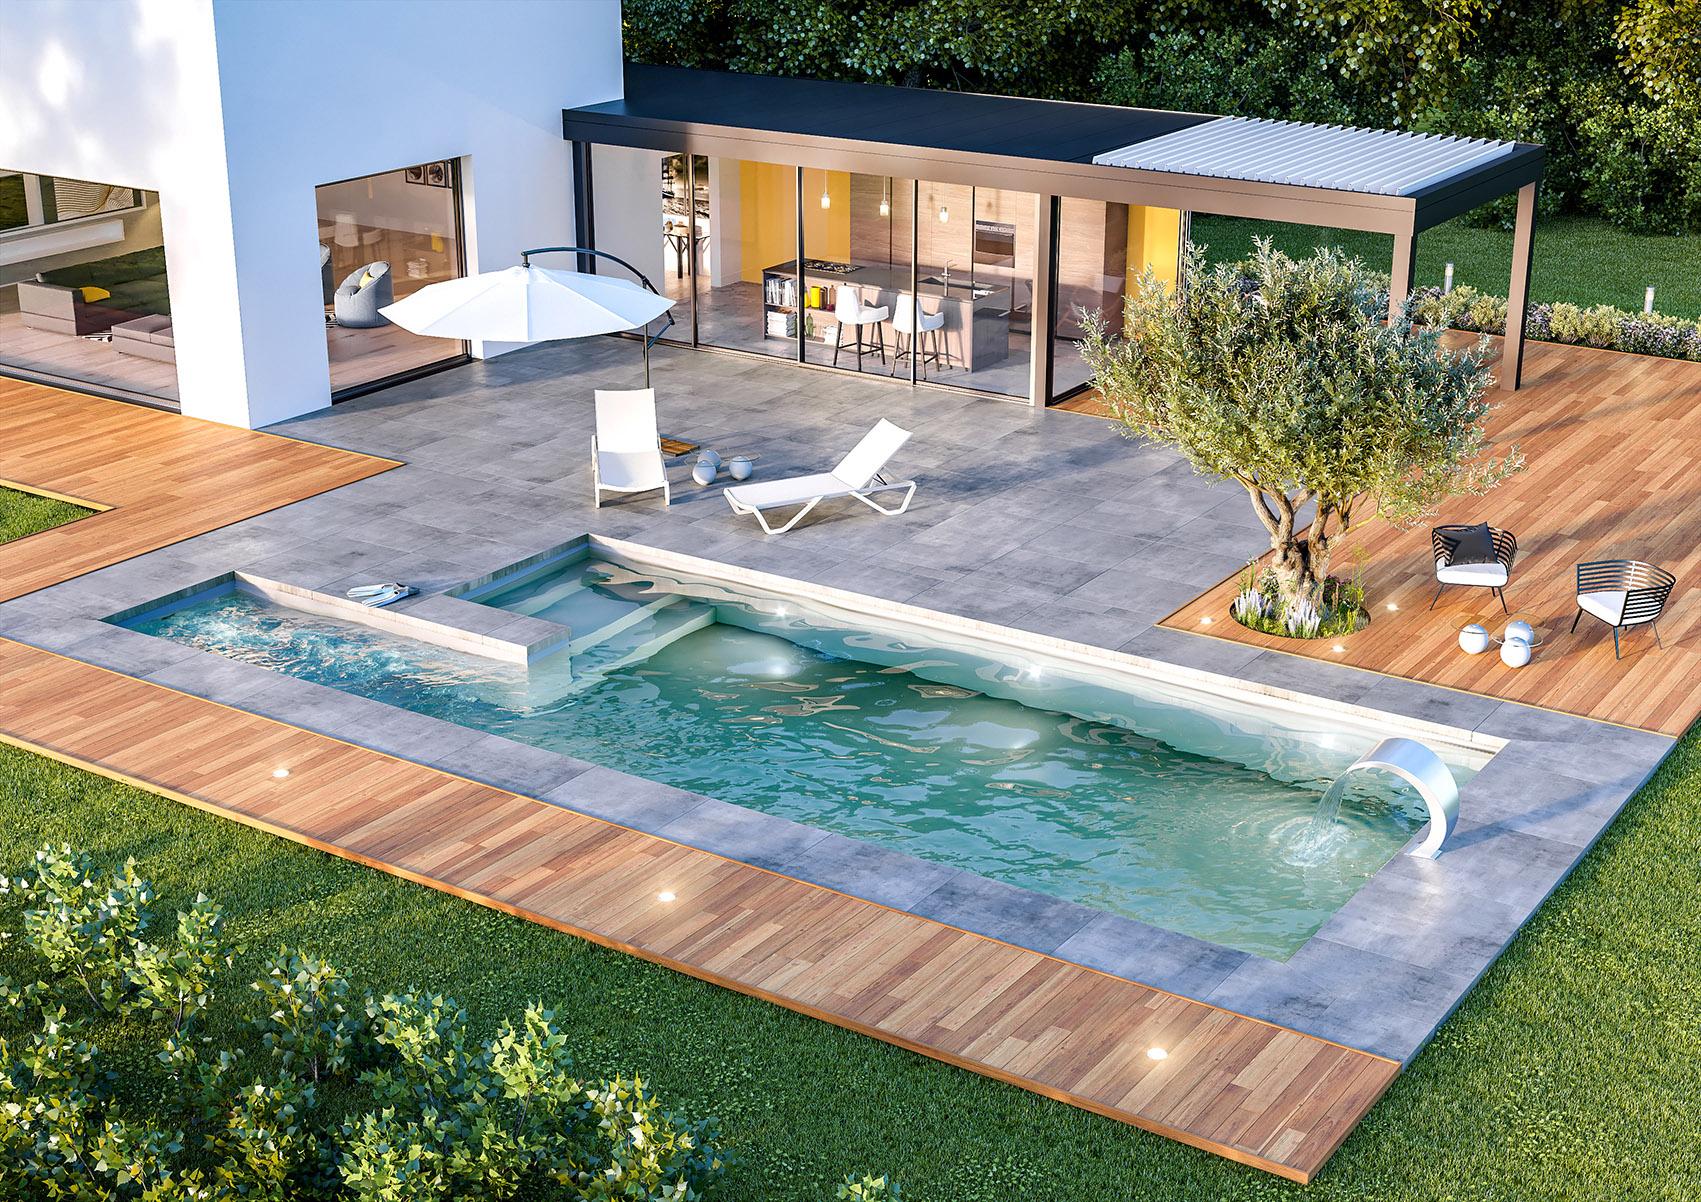 Aquilus Piscine - Recherche Google | Concept Home En 2019 ... pour Piscine Aquilus